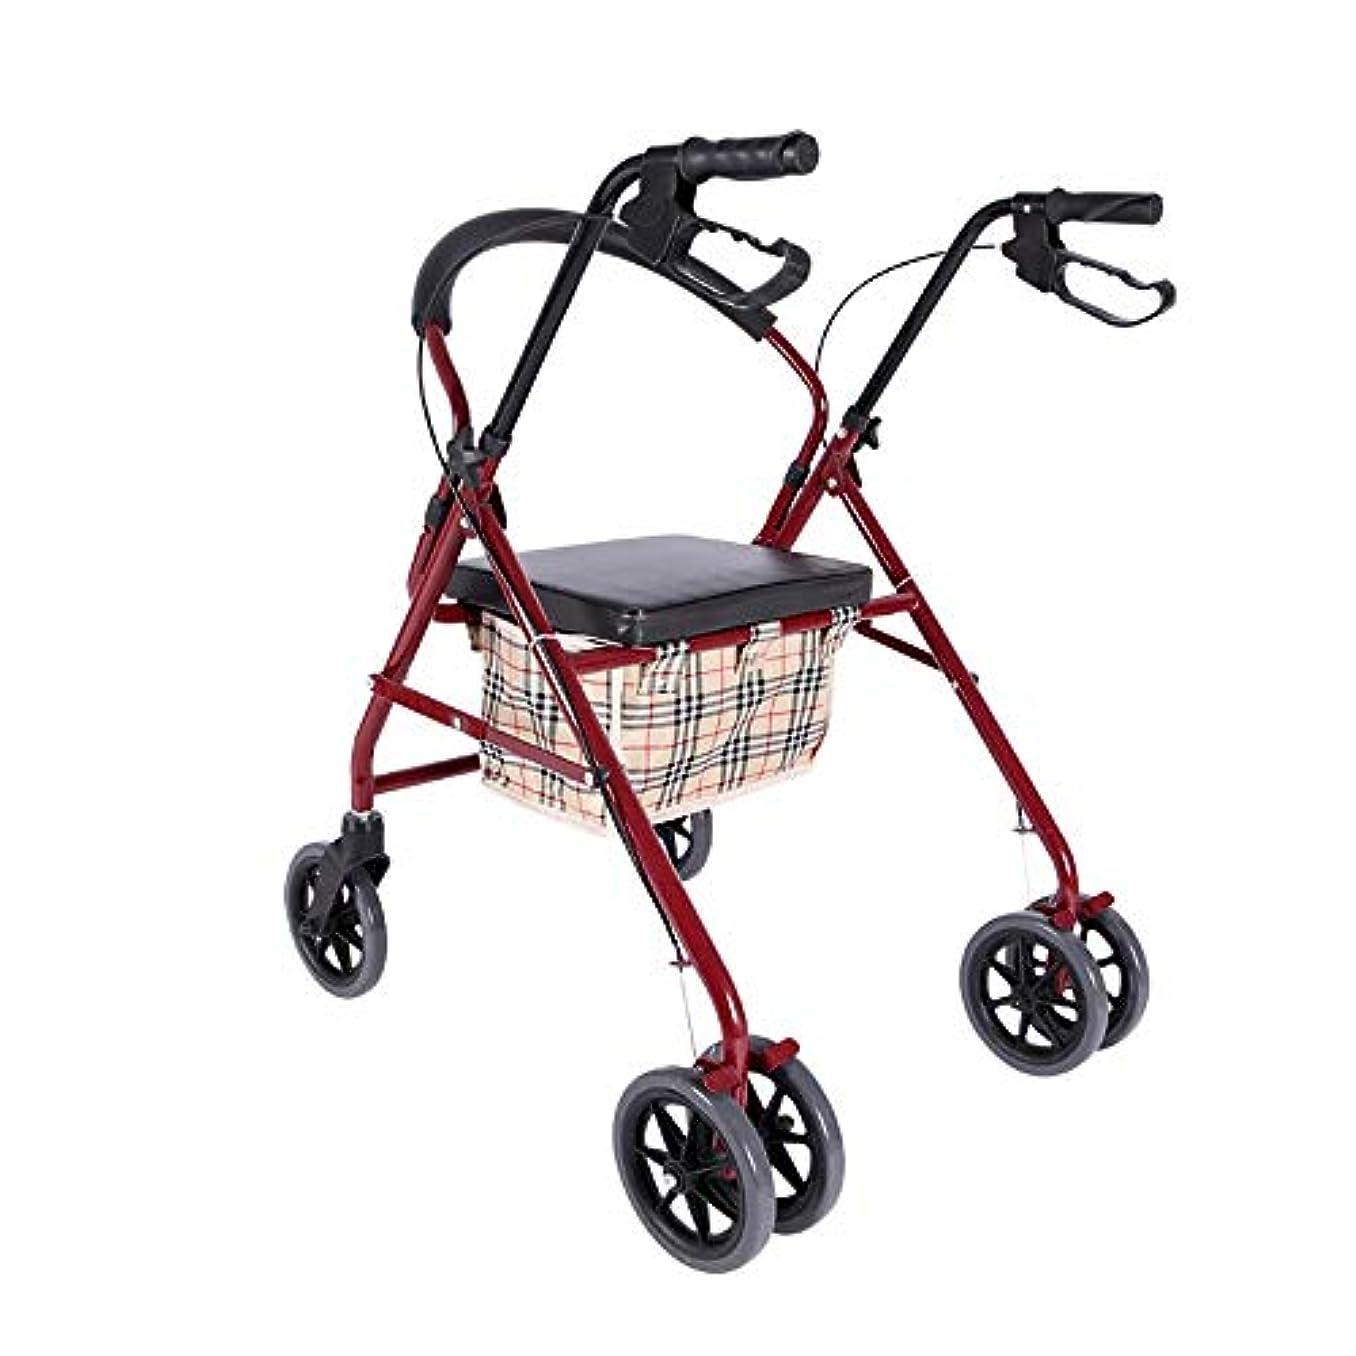 仮定、想定。推測最も遠いツインパッド入りシート、ロック可能なブレーキ、人間工学に基づいたハンドル、キャリーバッグを備えた軽量折りたたみ式四輪歩行器ウォーカー